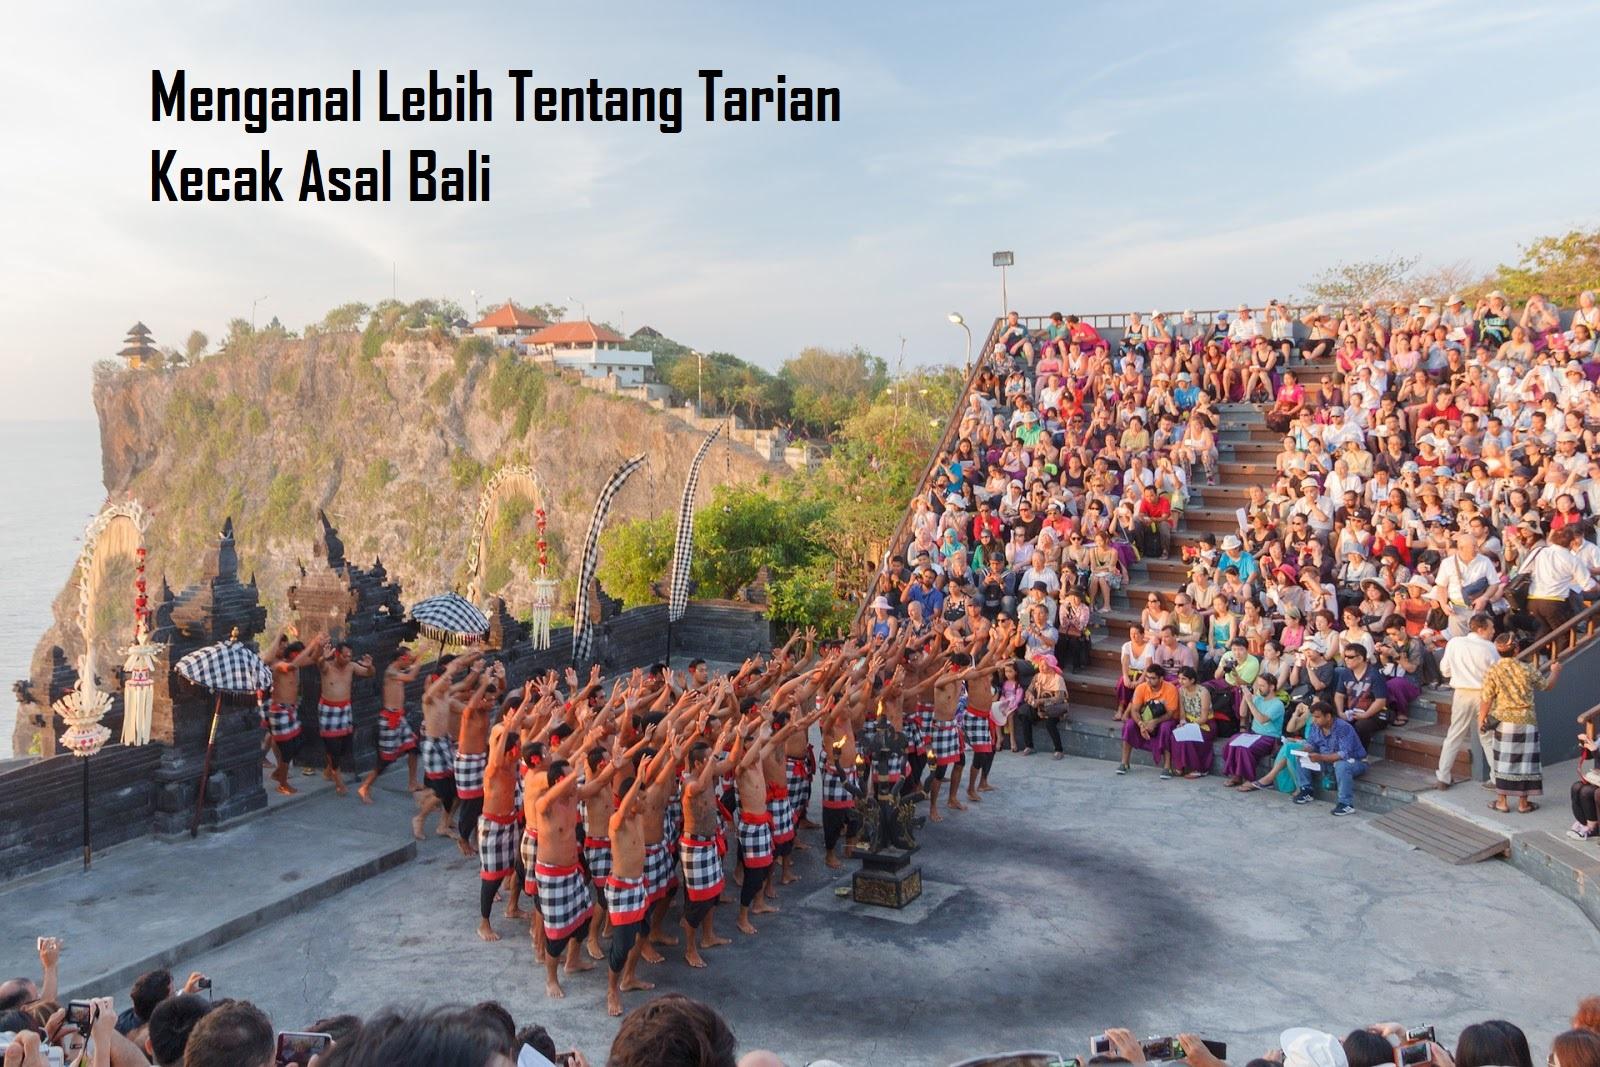 Menganal Lebih Tentang Tarian Kecak Asal Bali